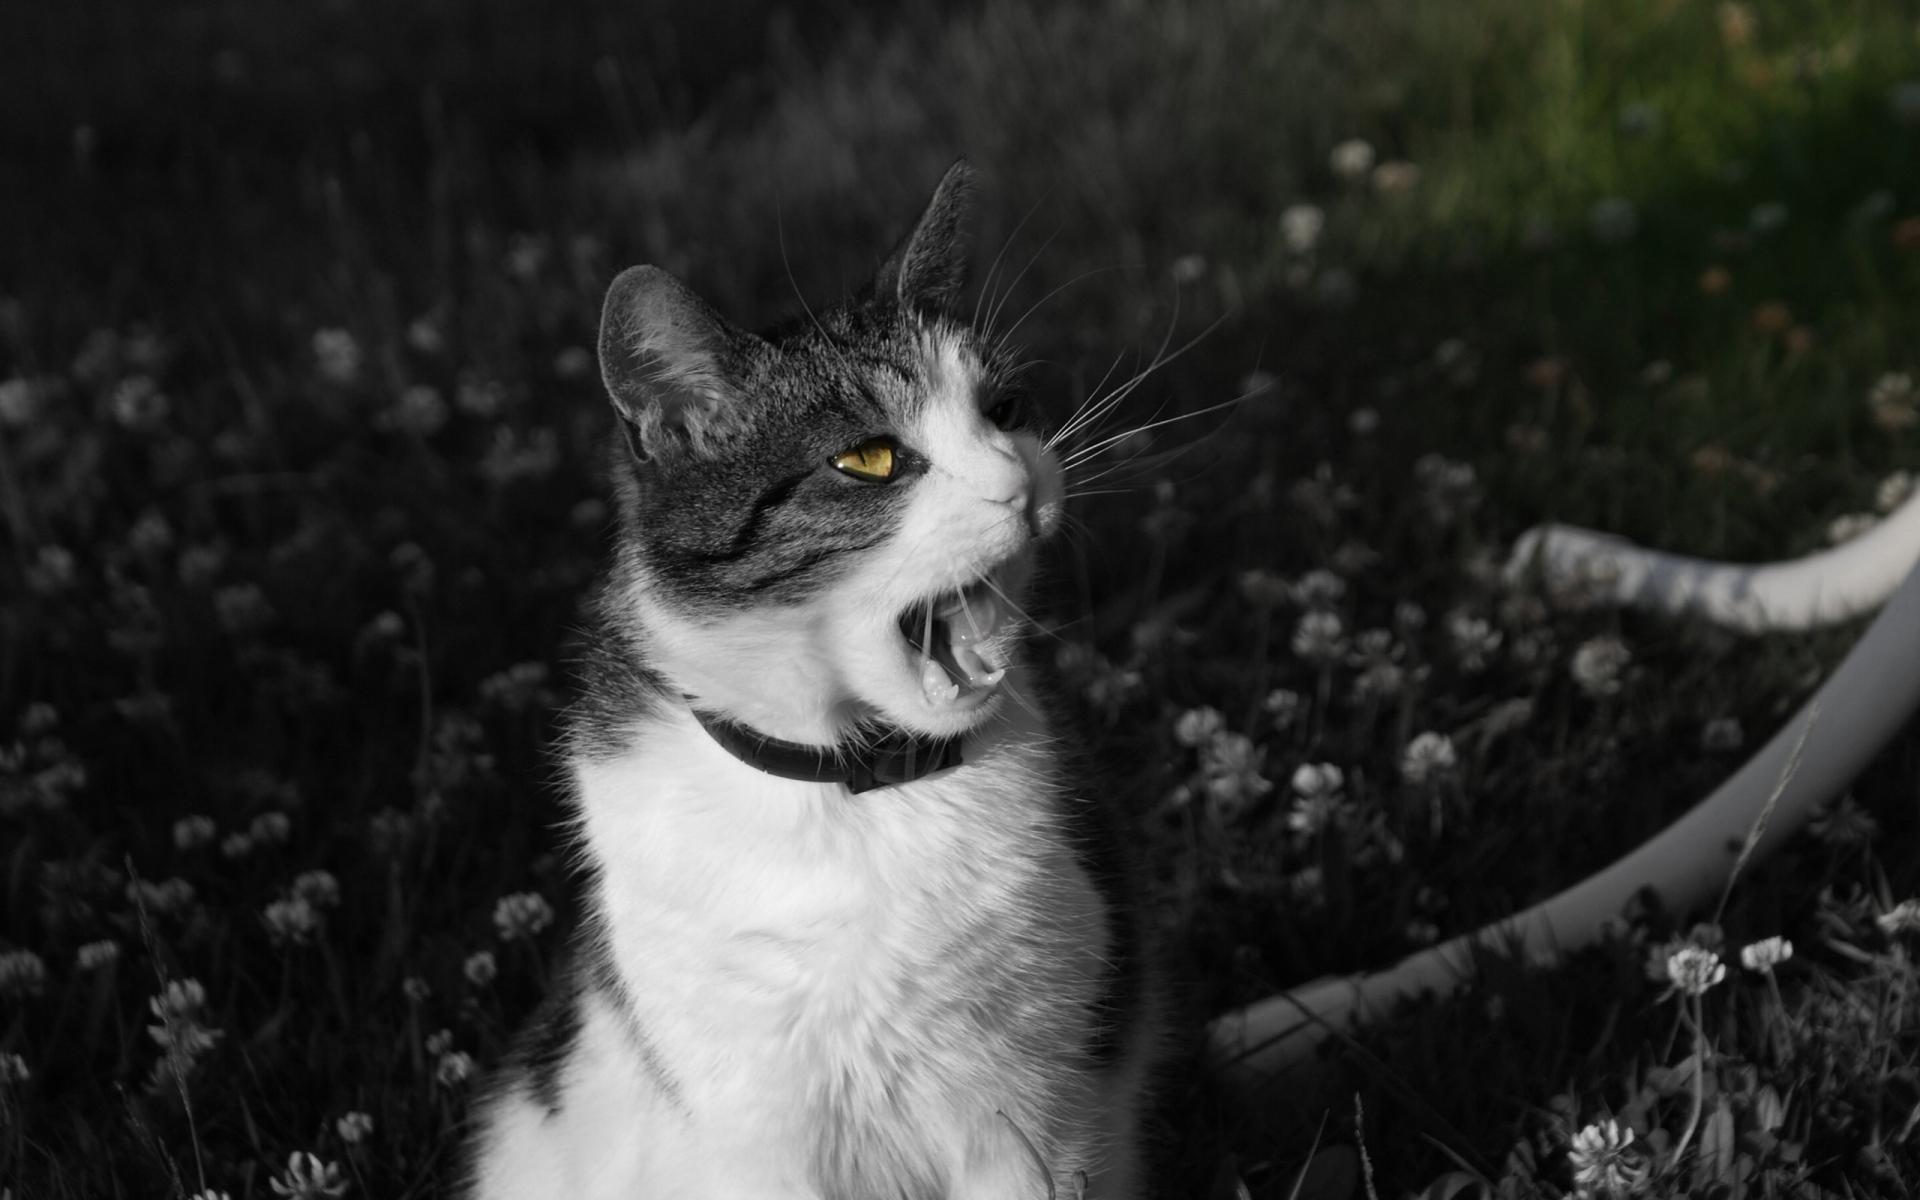 Картинки Кошка, крик, лицо, черный белый фото и обои на рабочий стол